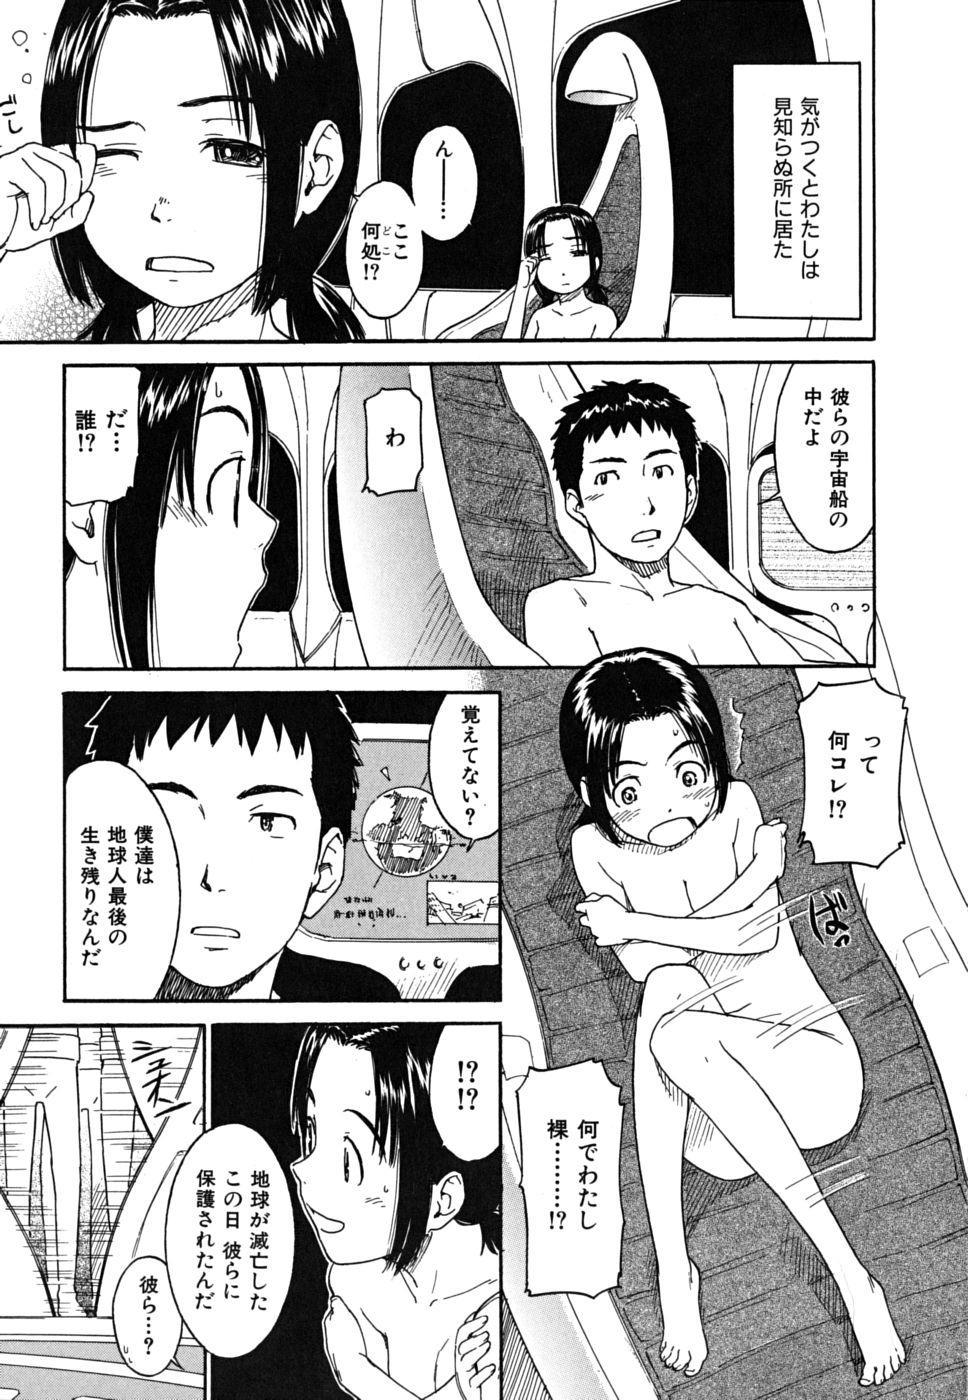 Shoujo Material 122